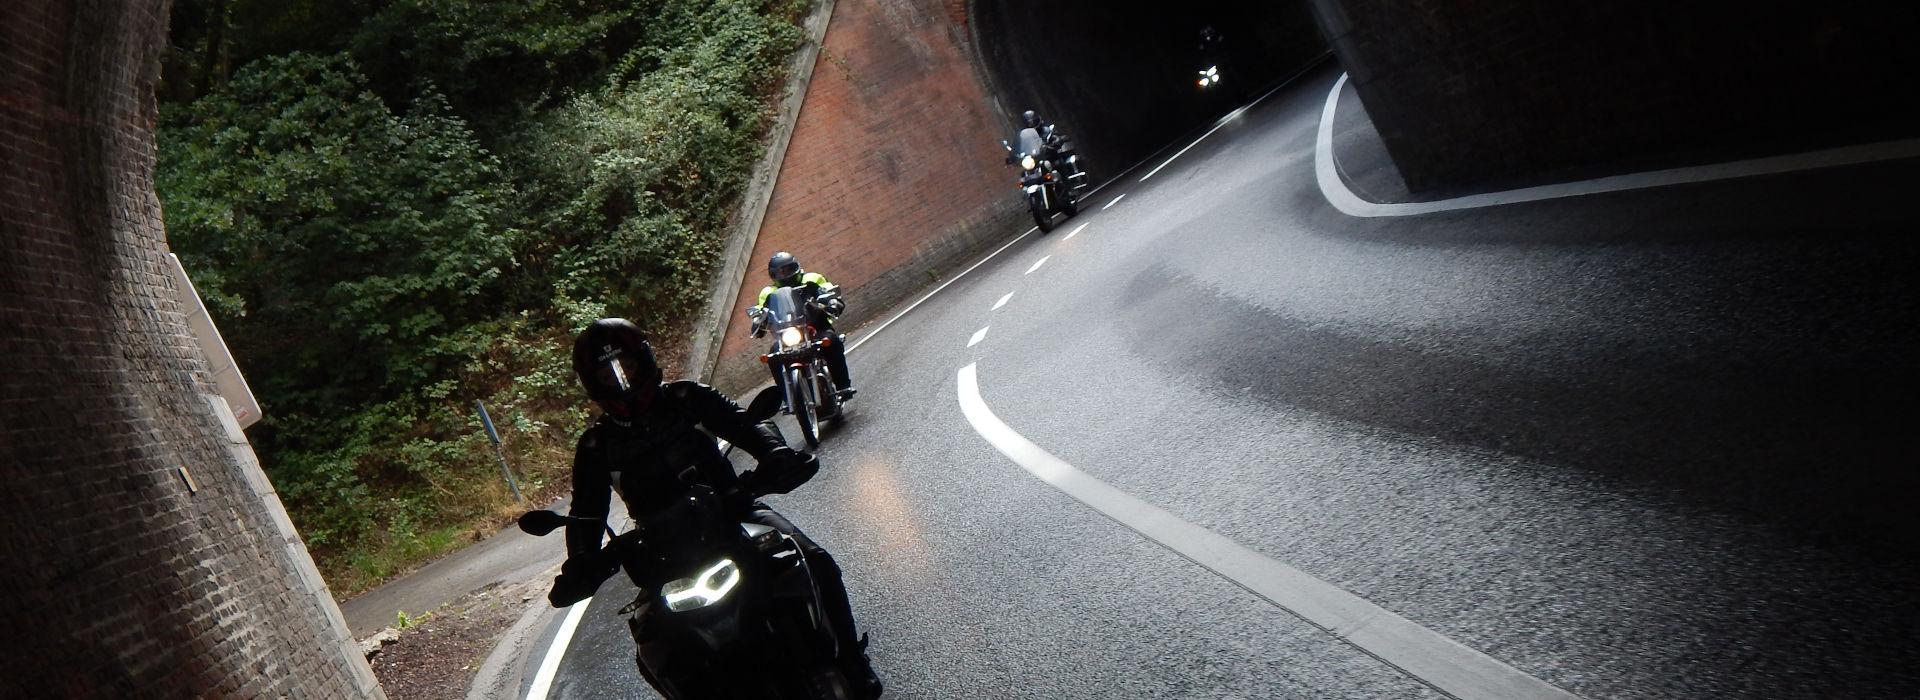 Motorrijbewijspoint Grathem spoed motorrijbewijs